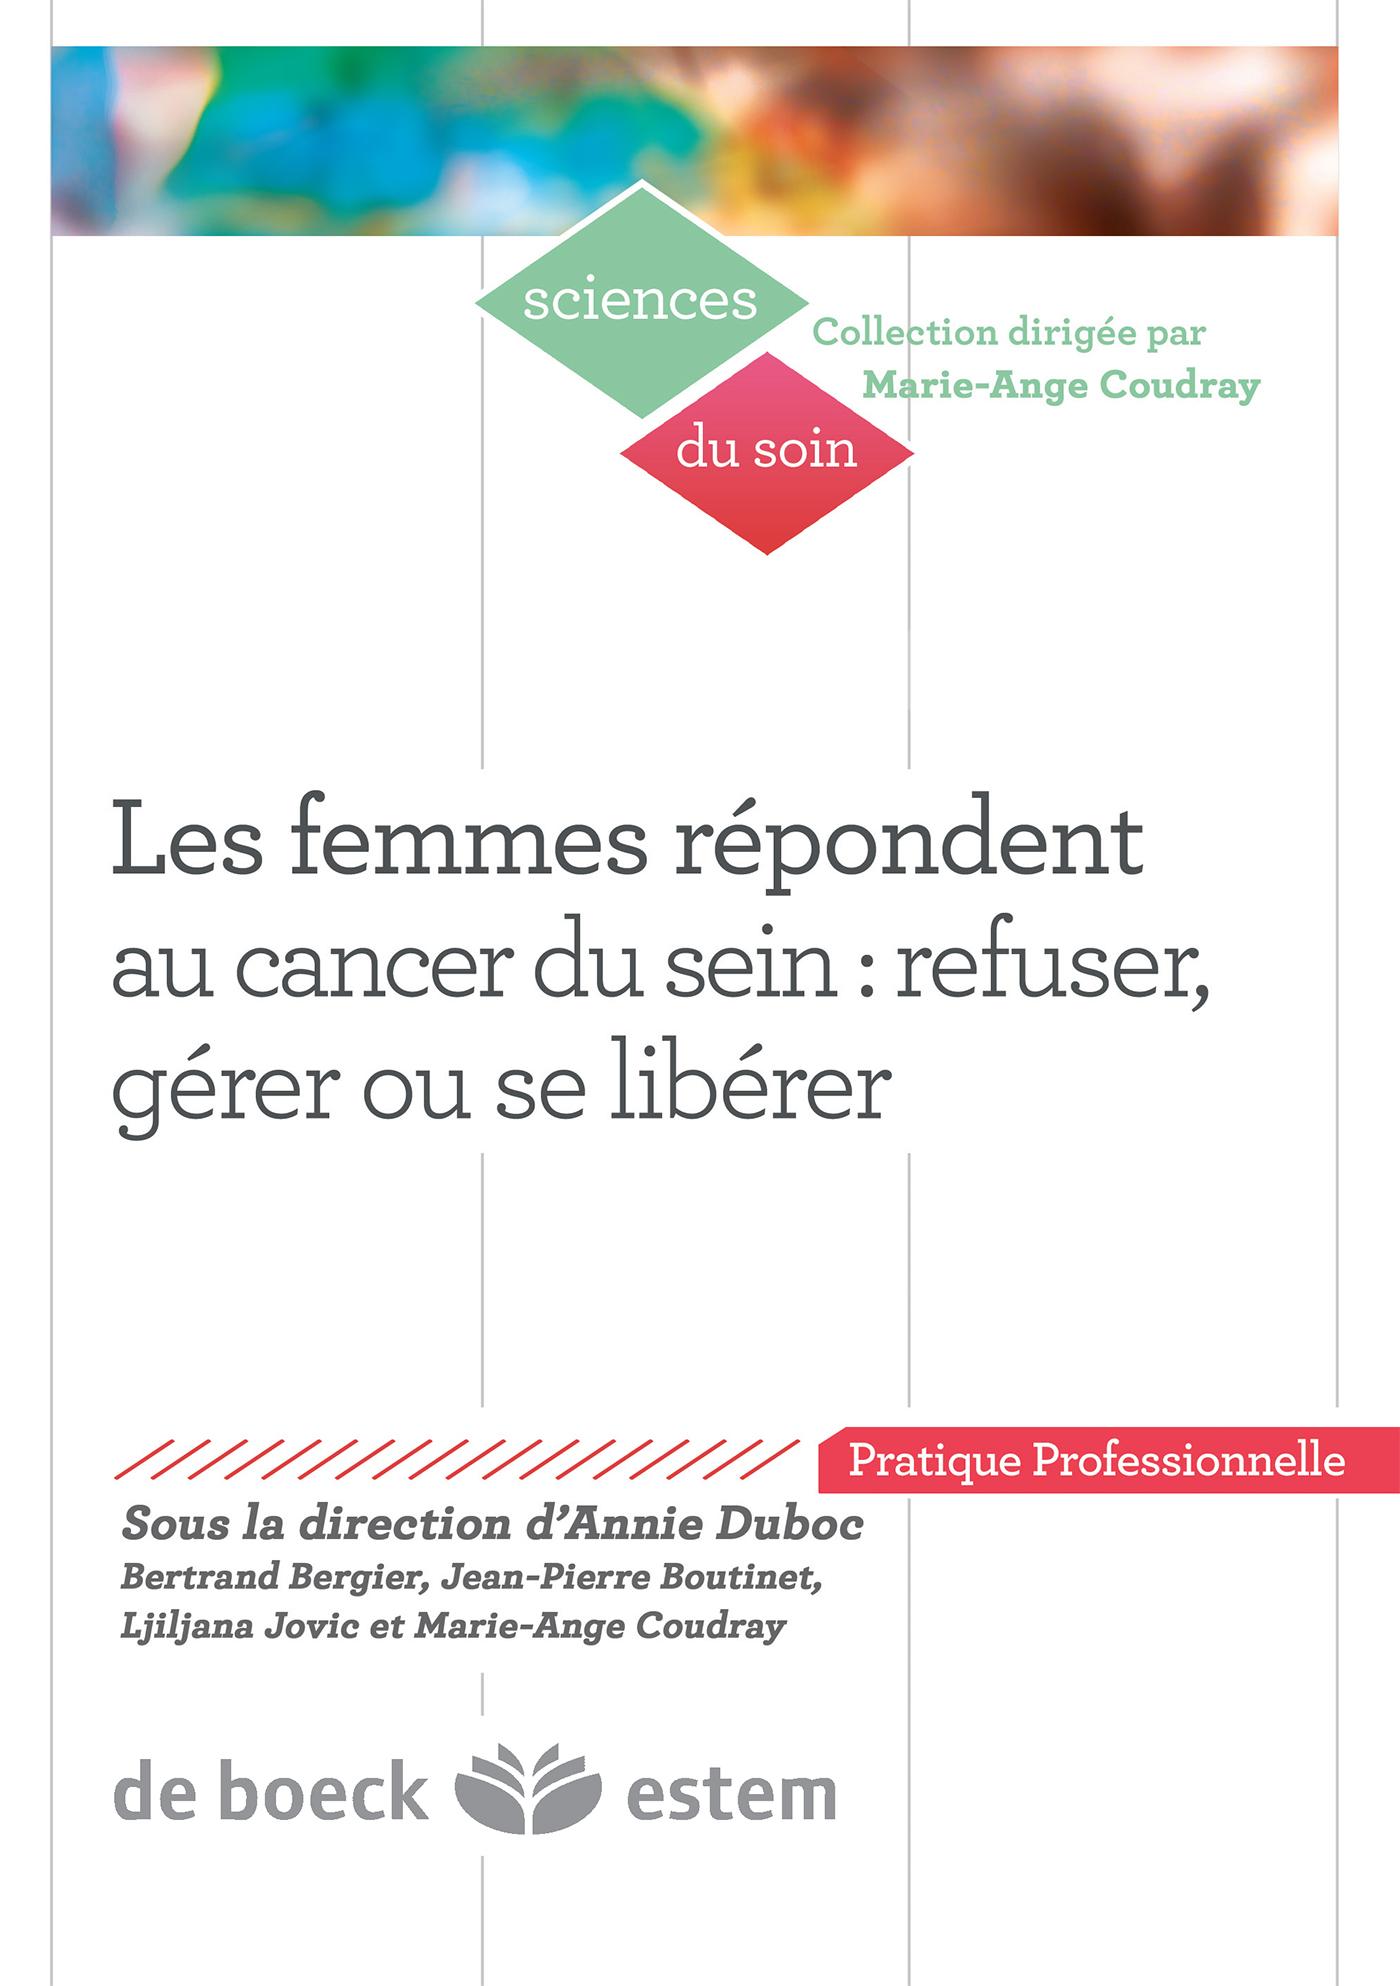 FEMMES REPONDENT AU CANCER DU SEIN (LES) : REFUSER GERER OU SE LIBERER